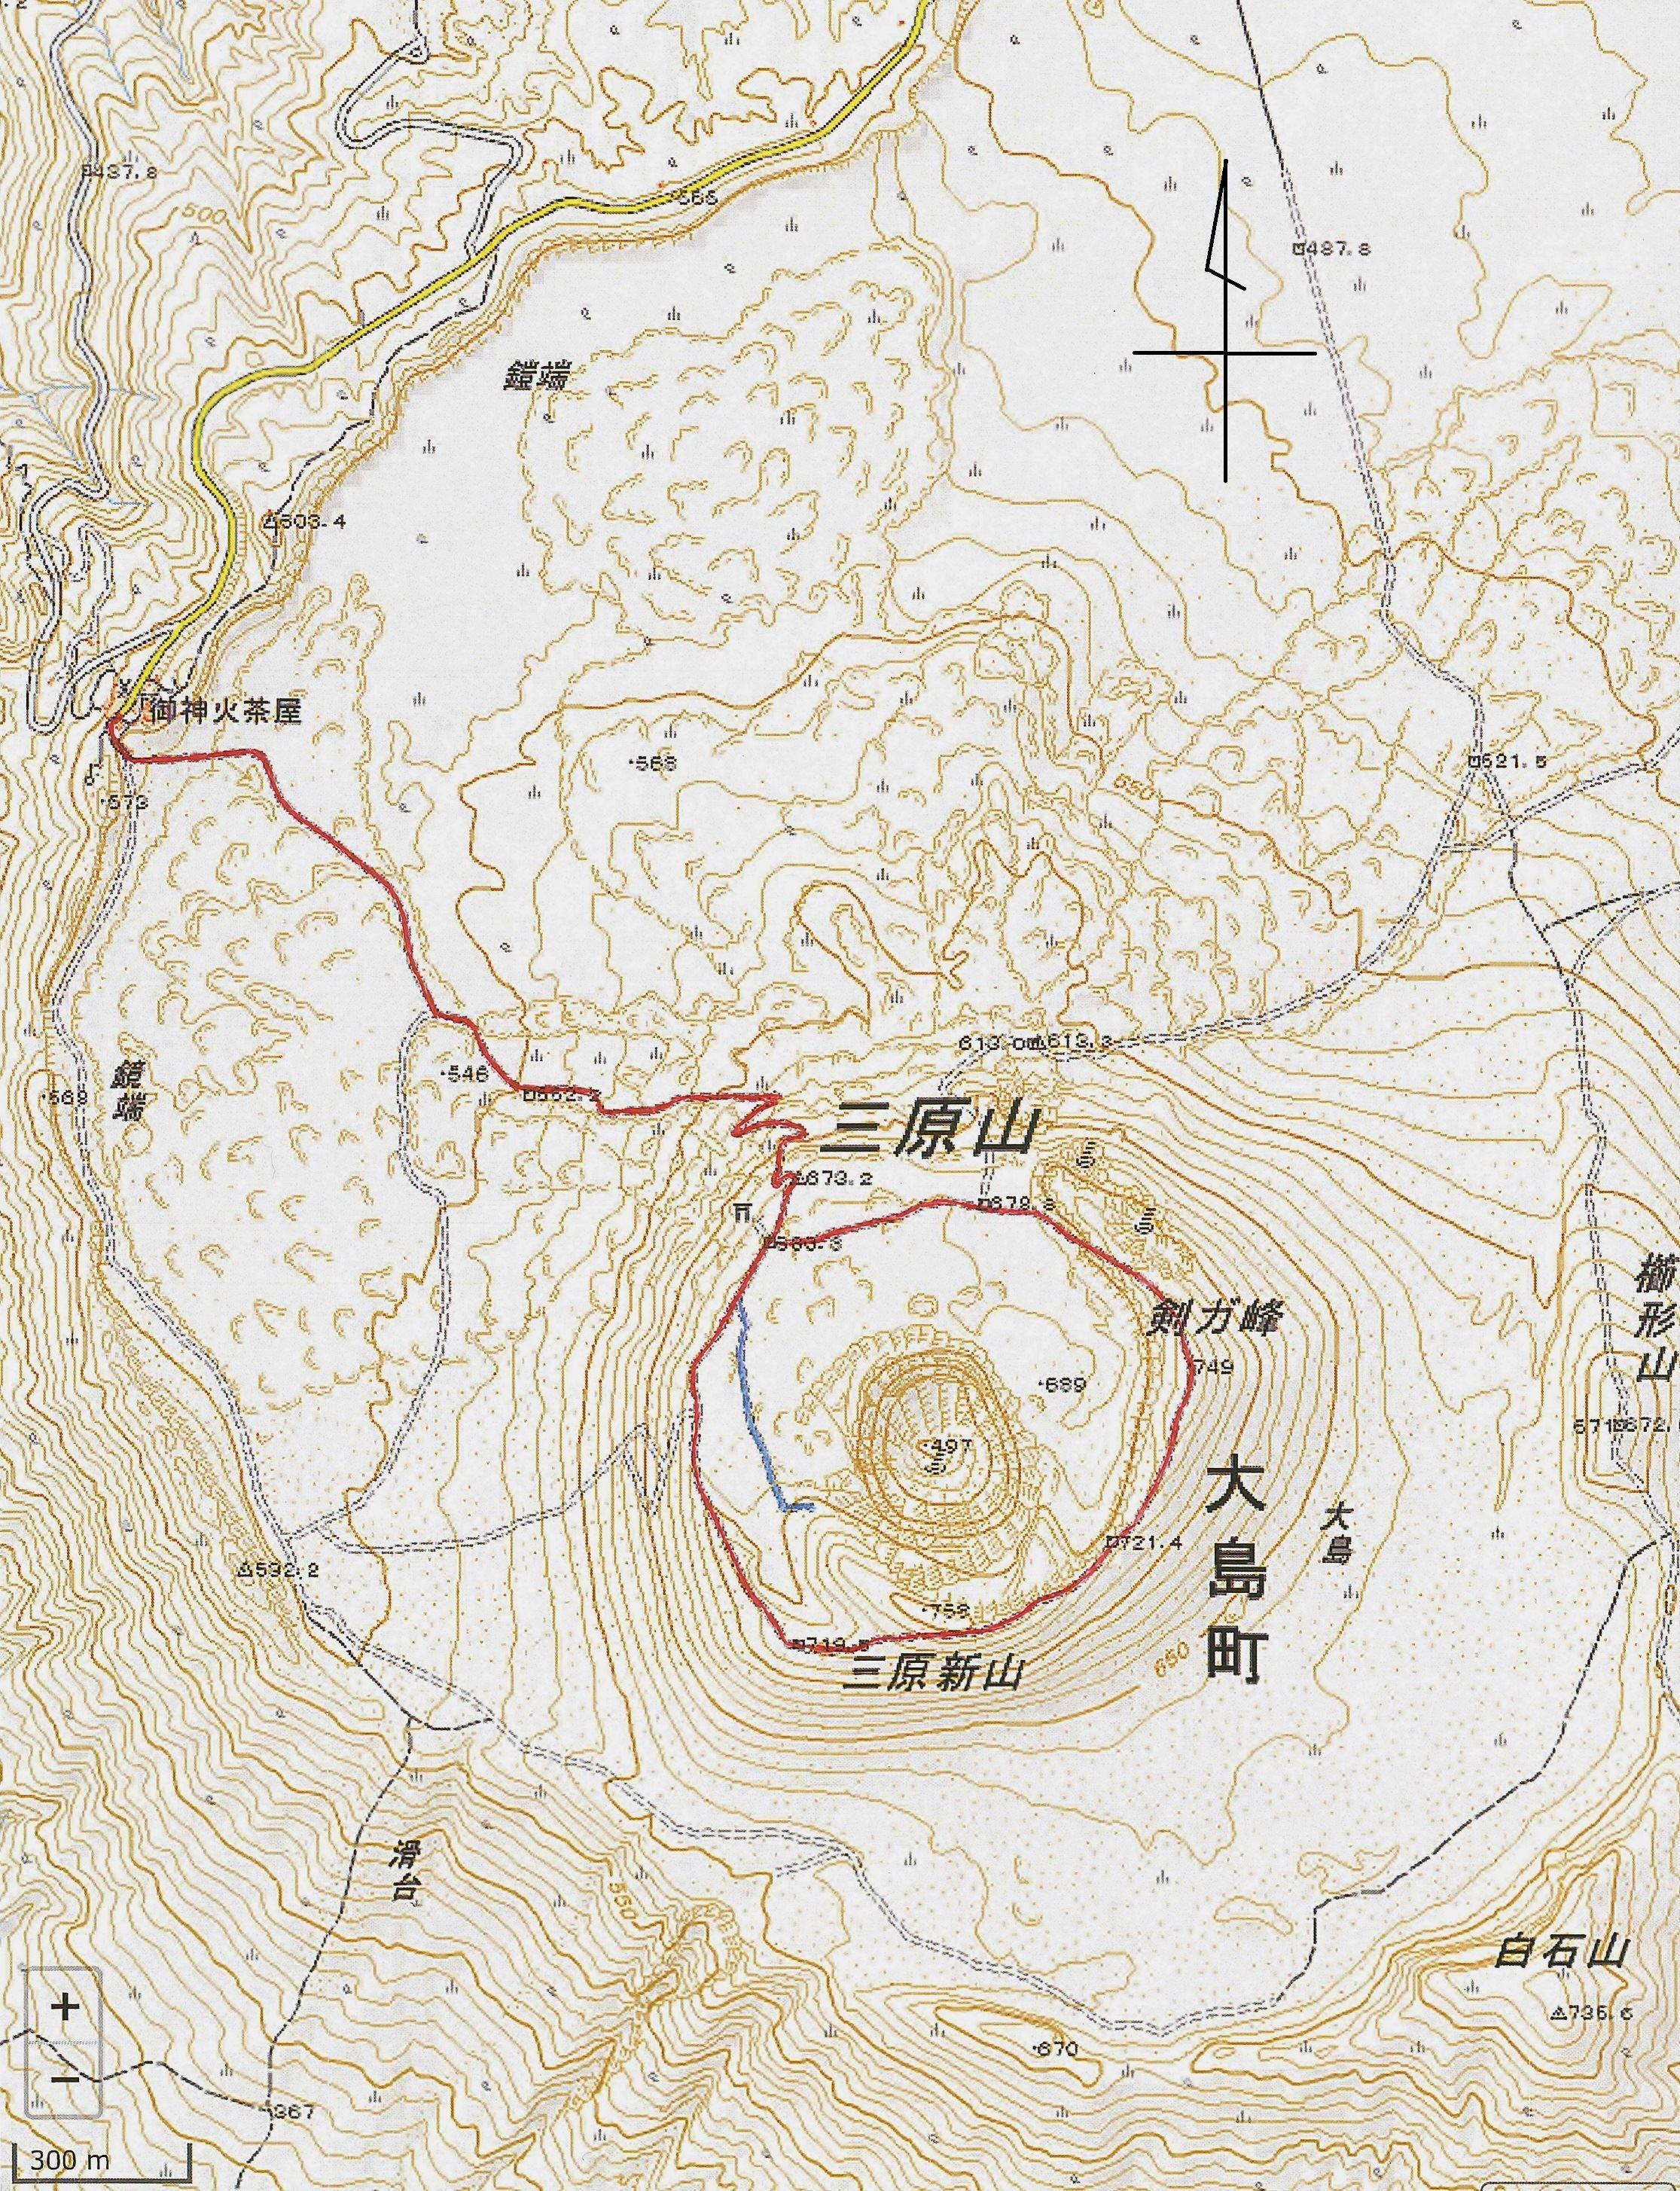 000_三原山_地理院地図_赤線がルート_R